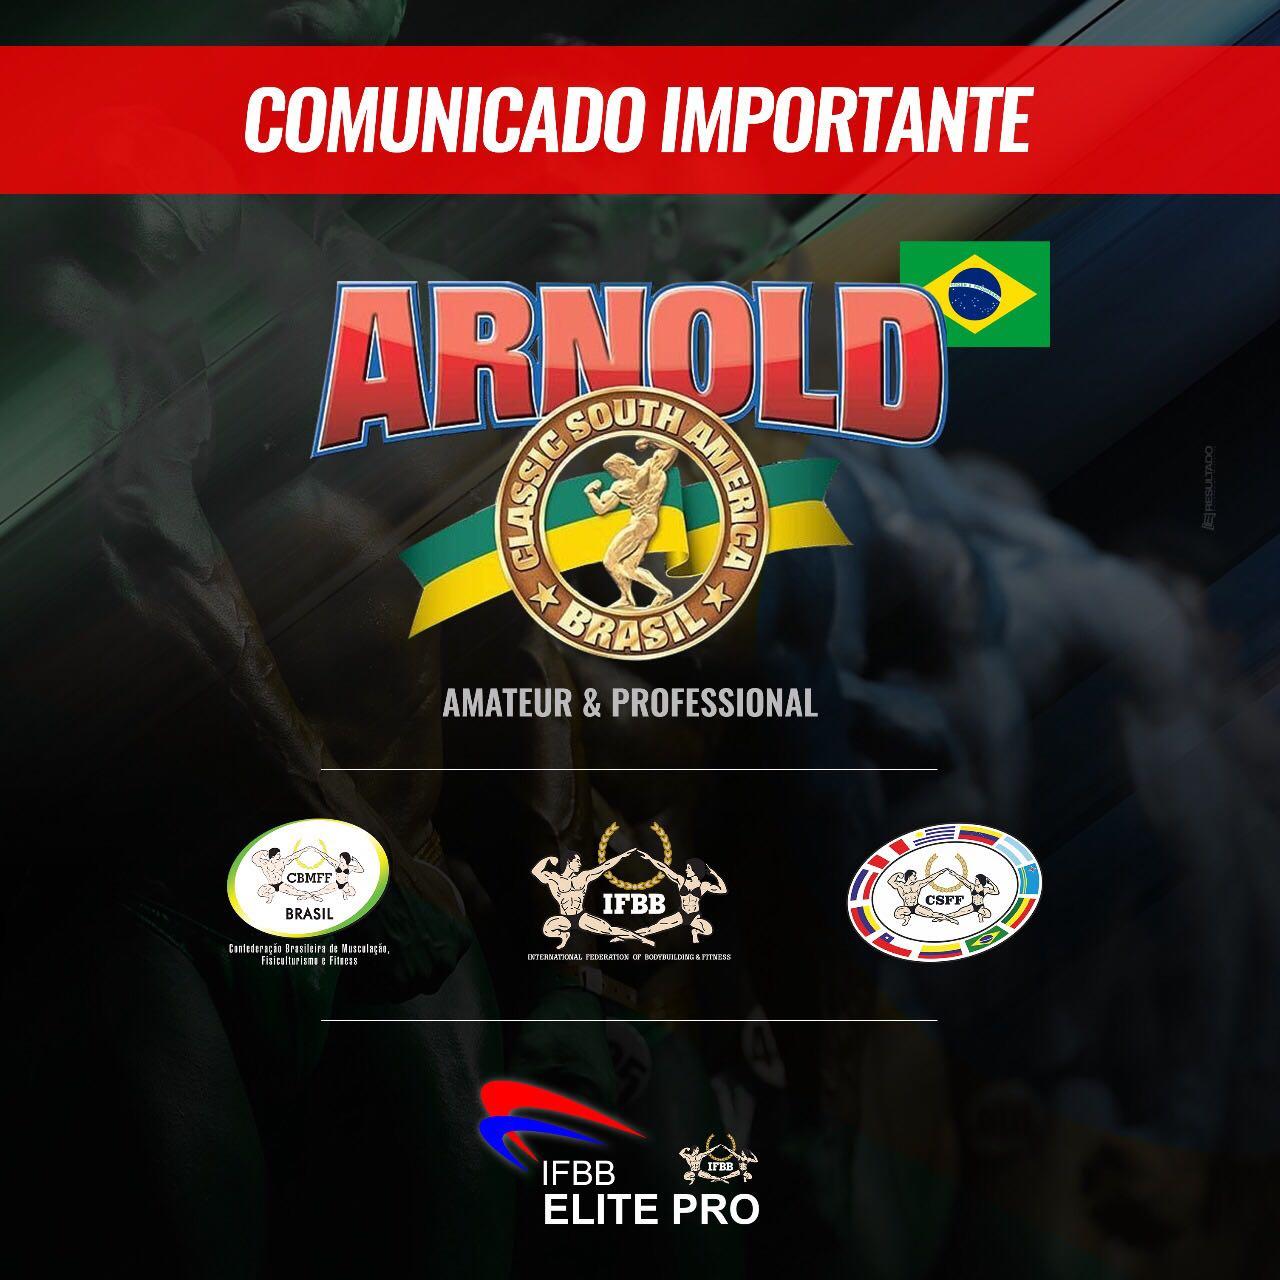 EL ARNOLD CLASSIC SUDAMERICA AMATEUR Y PROFESIONAL ES IFBB